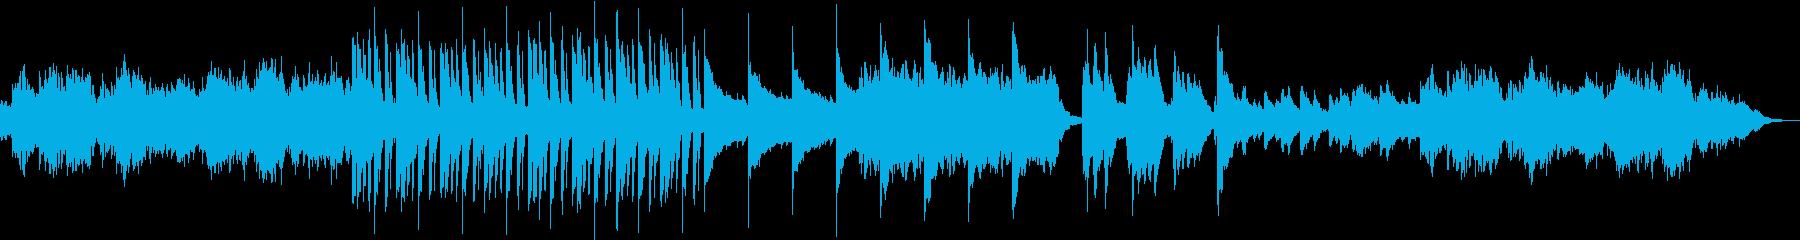 厳かな和風オーケストラの再生済みの波形